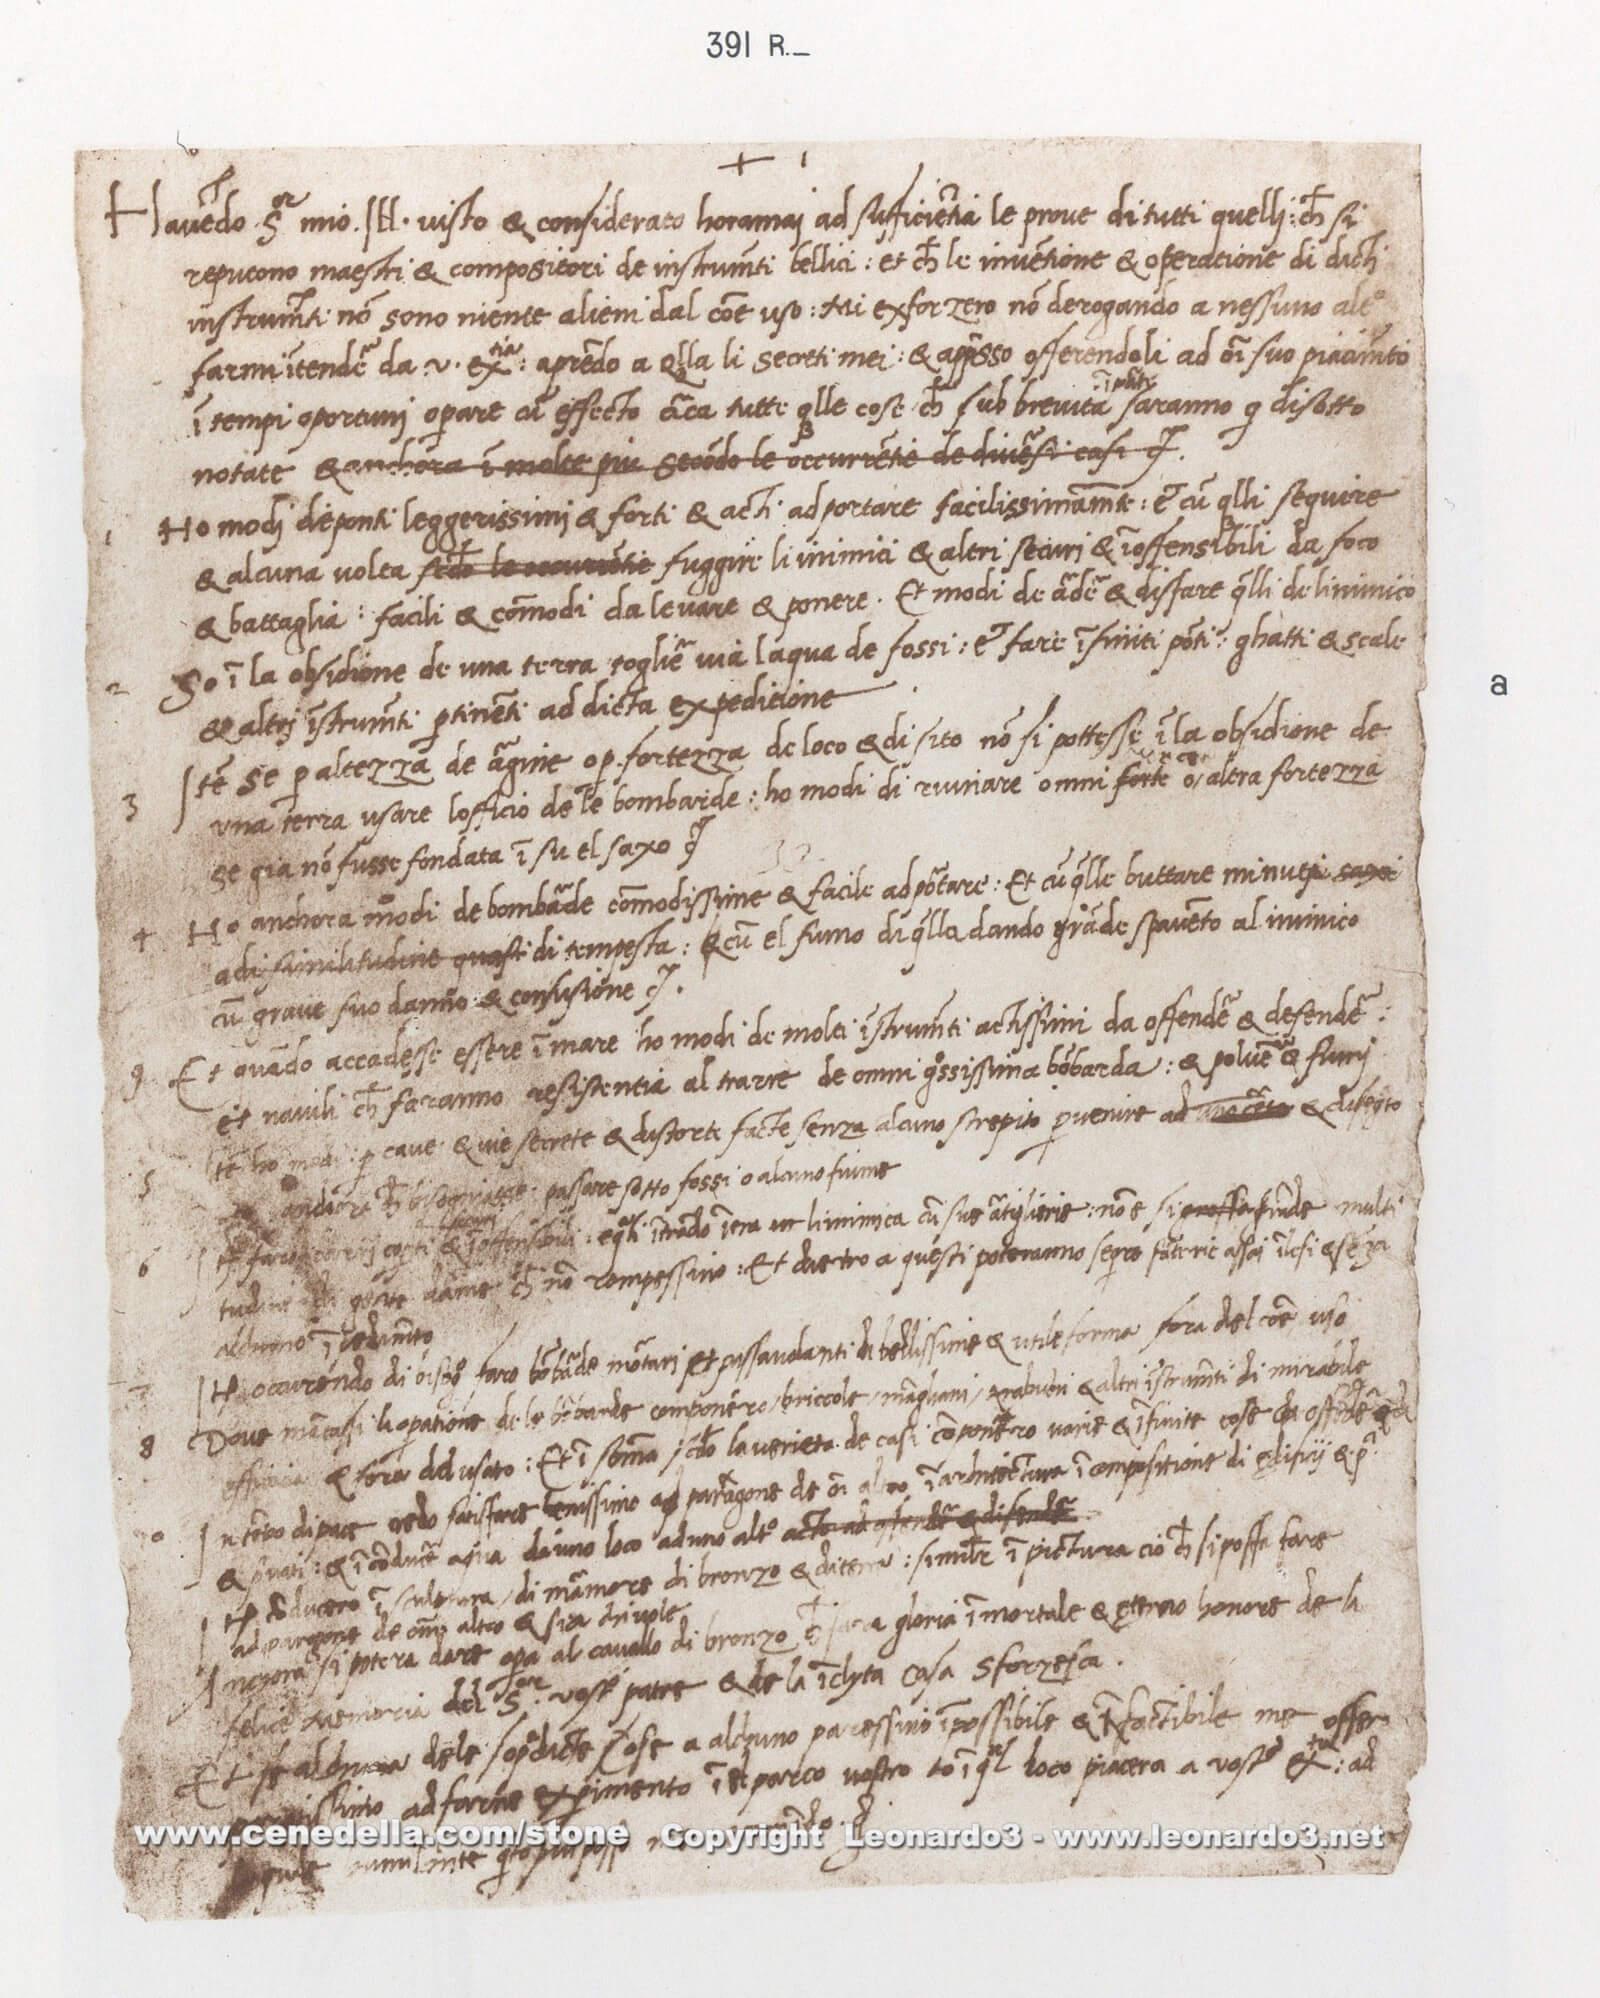 carta esquecida de Leonardo Da Vinci